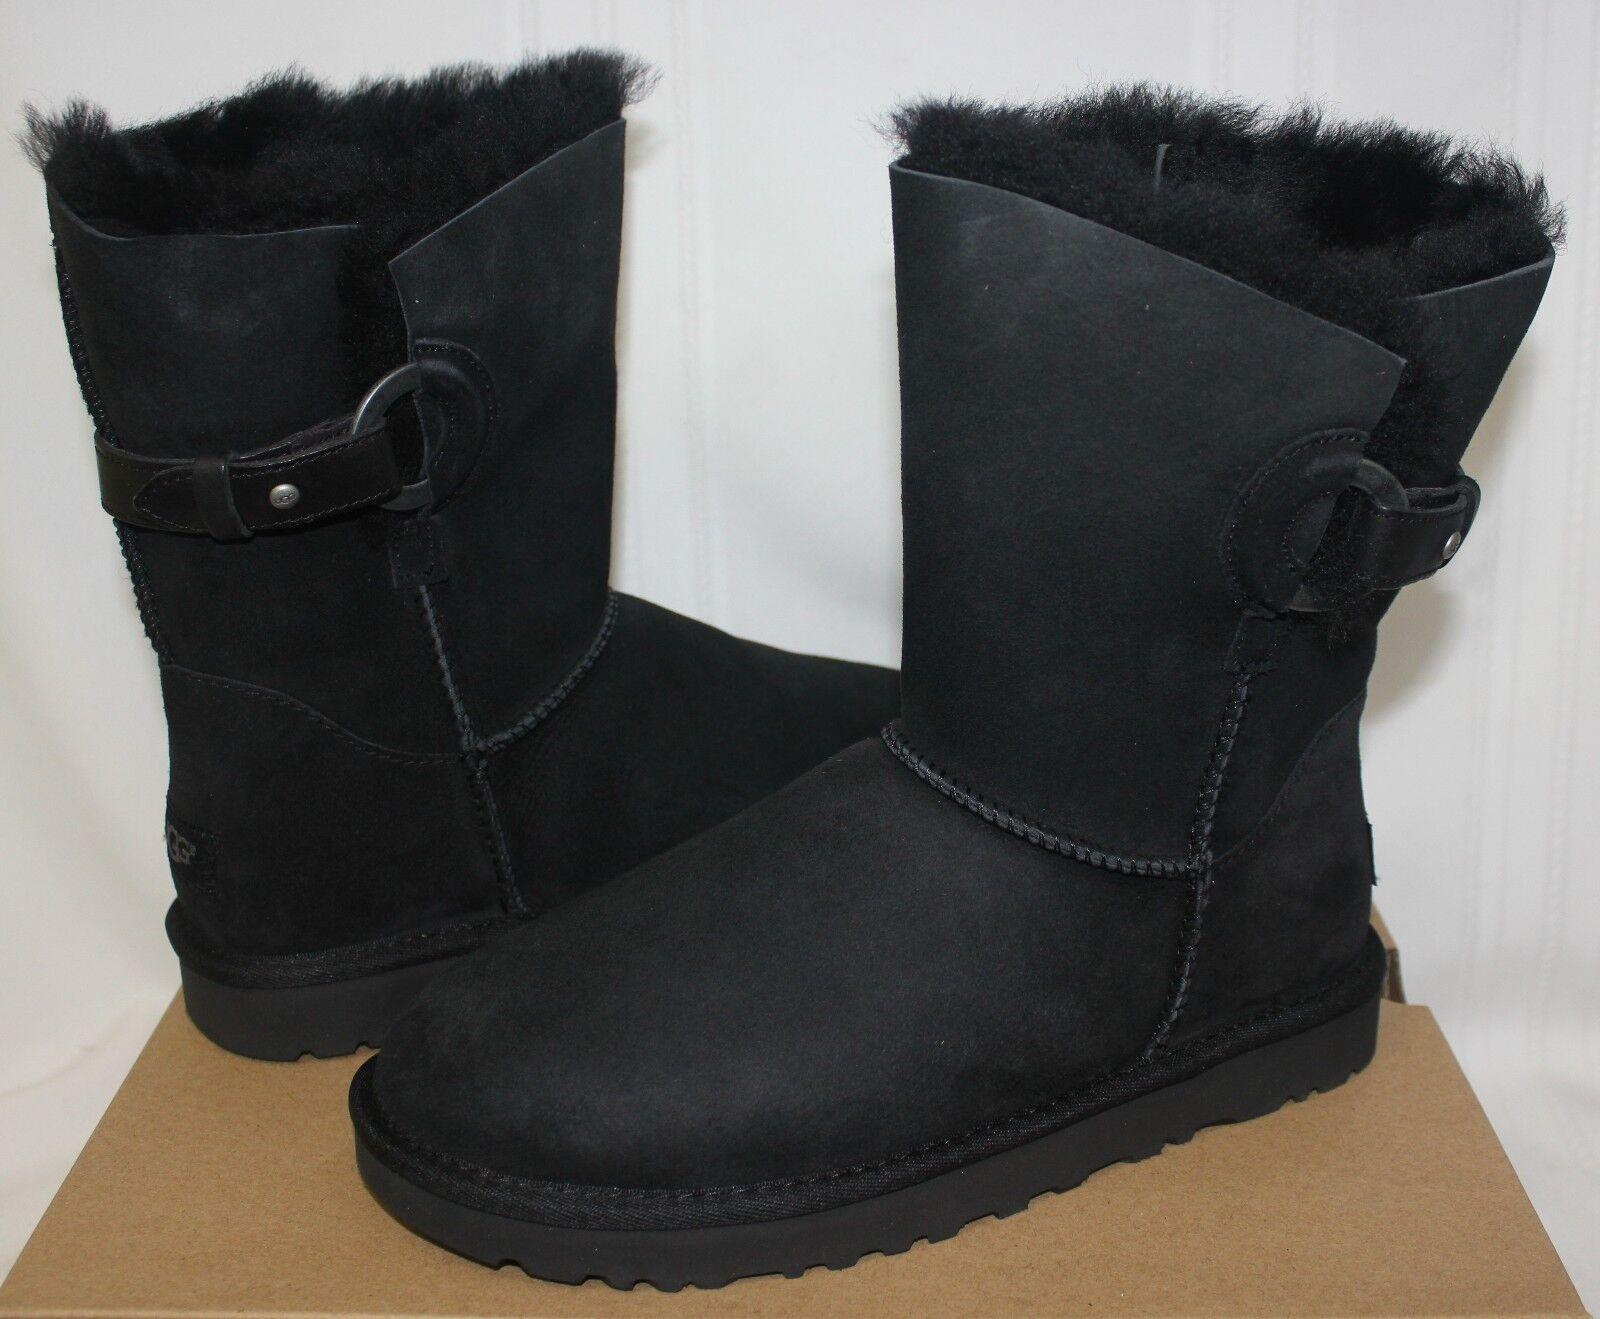 Botas de gamuza Nash negras de UGG para mujer ¡Nuevo con caja!